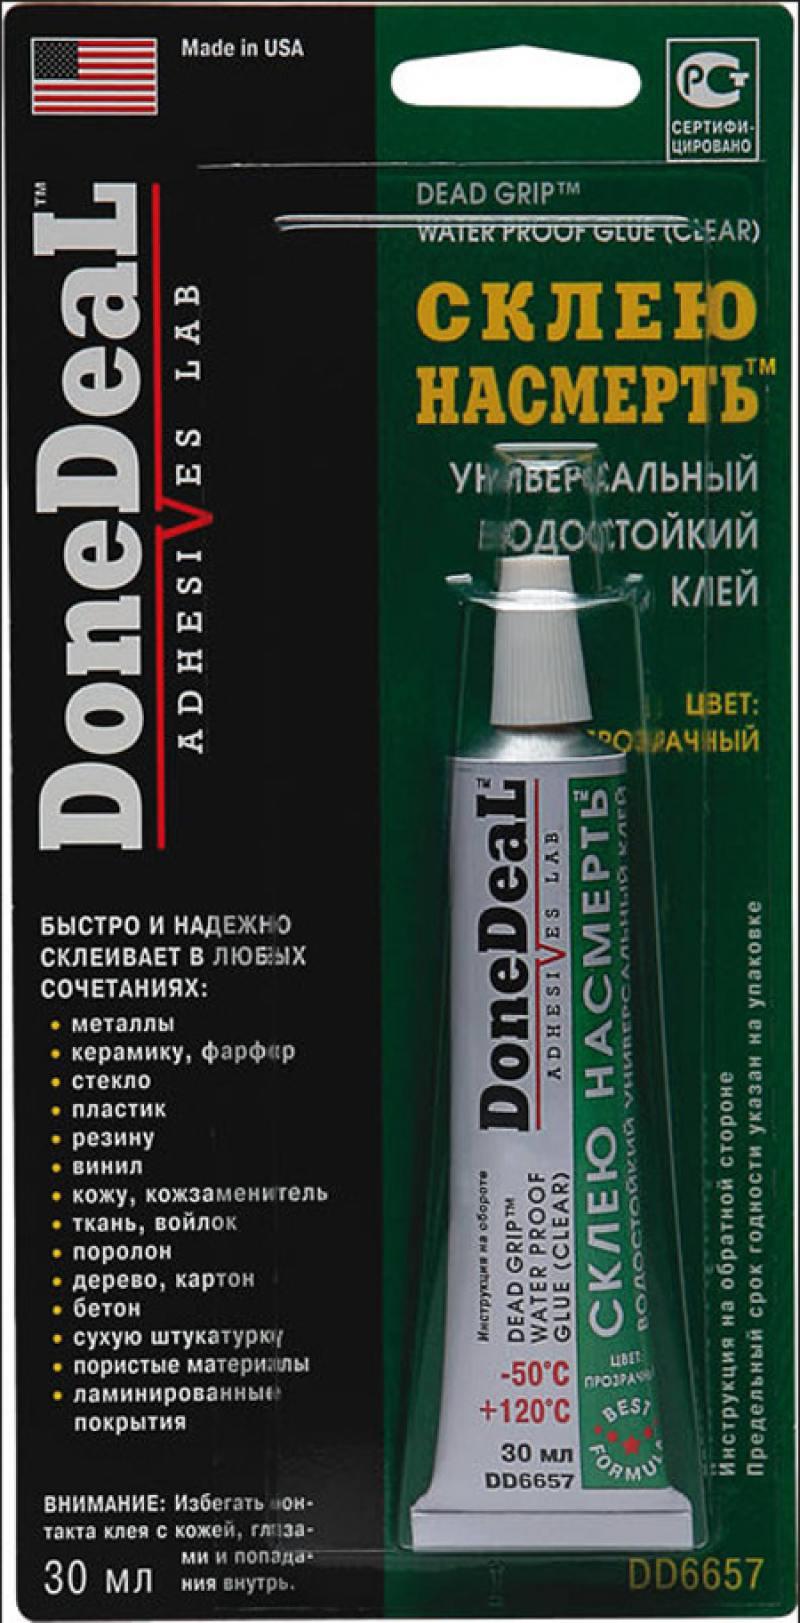 Водостойкий клей Done Deal DD 6657 Склею насмерть набор для ремонта камер и надувных резиновых изделий done deal dd 0332